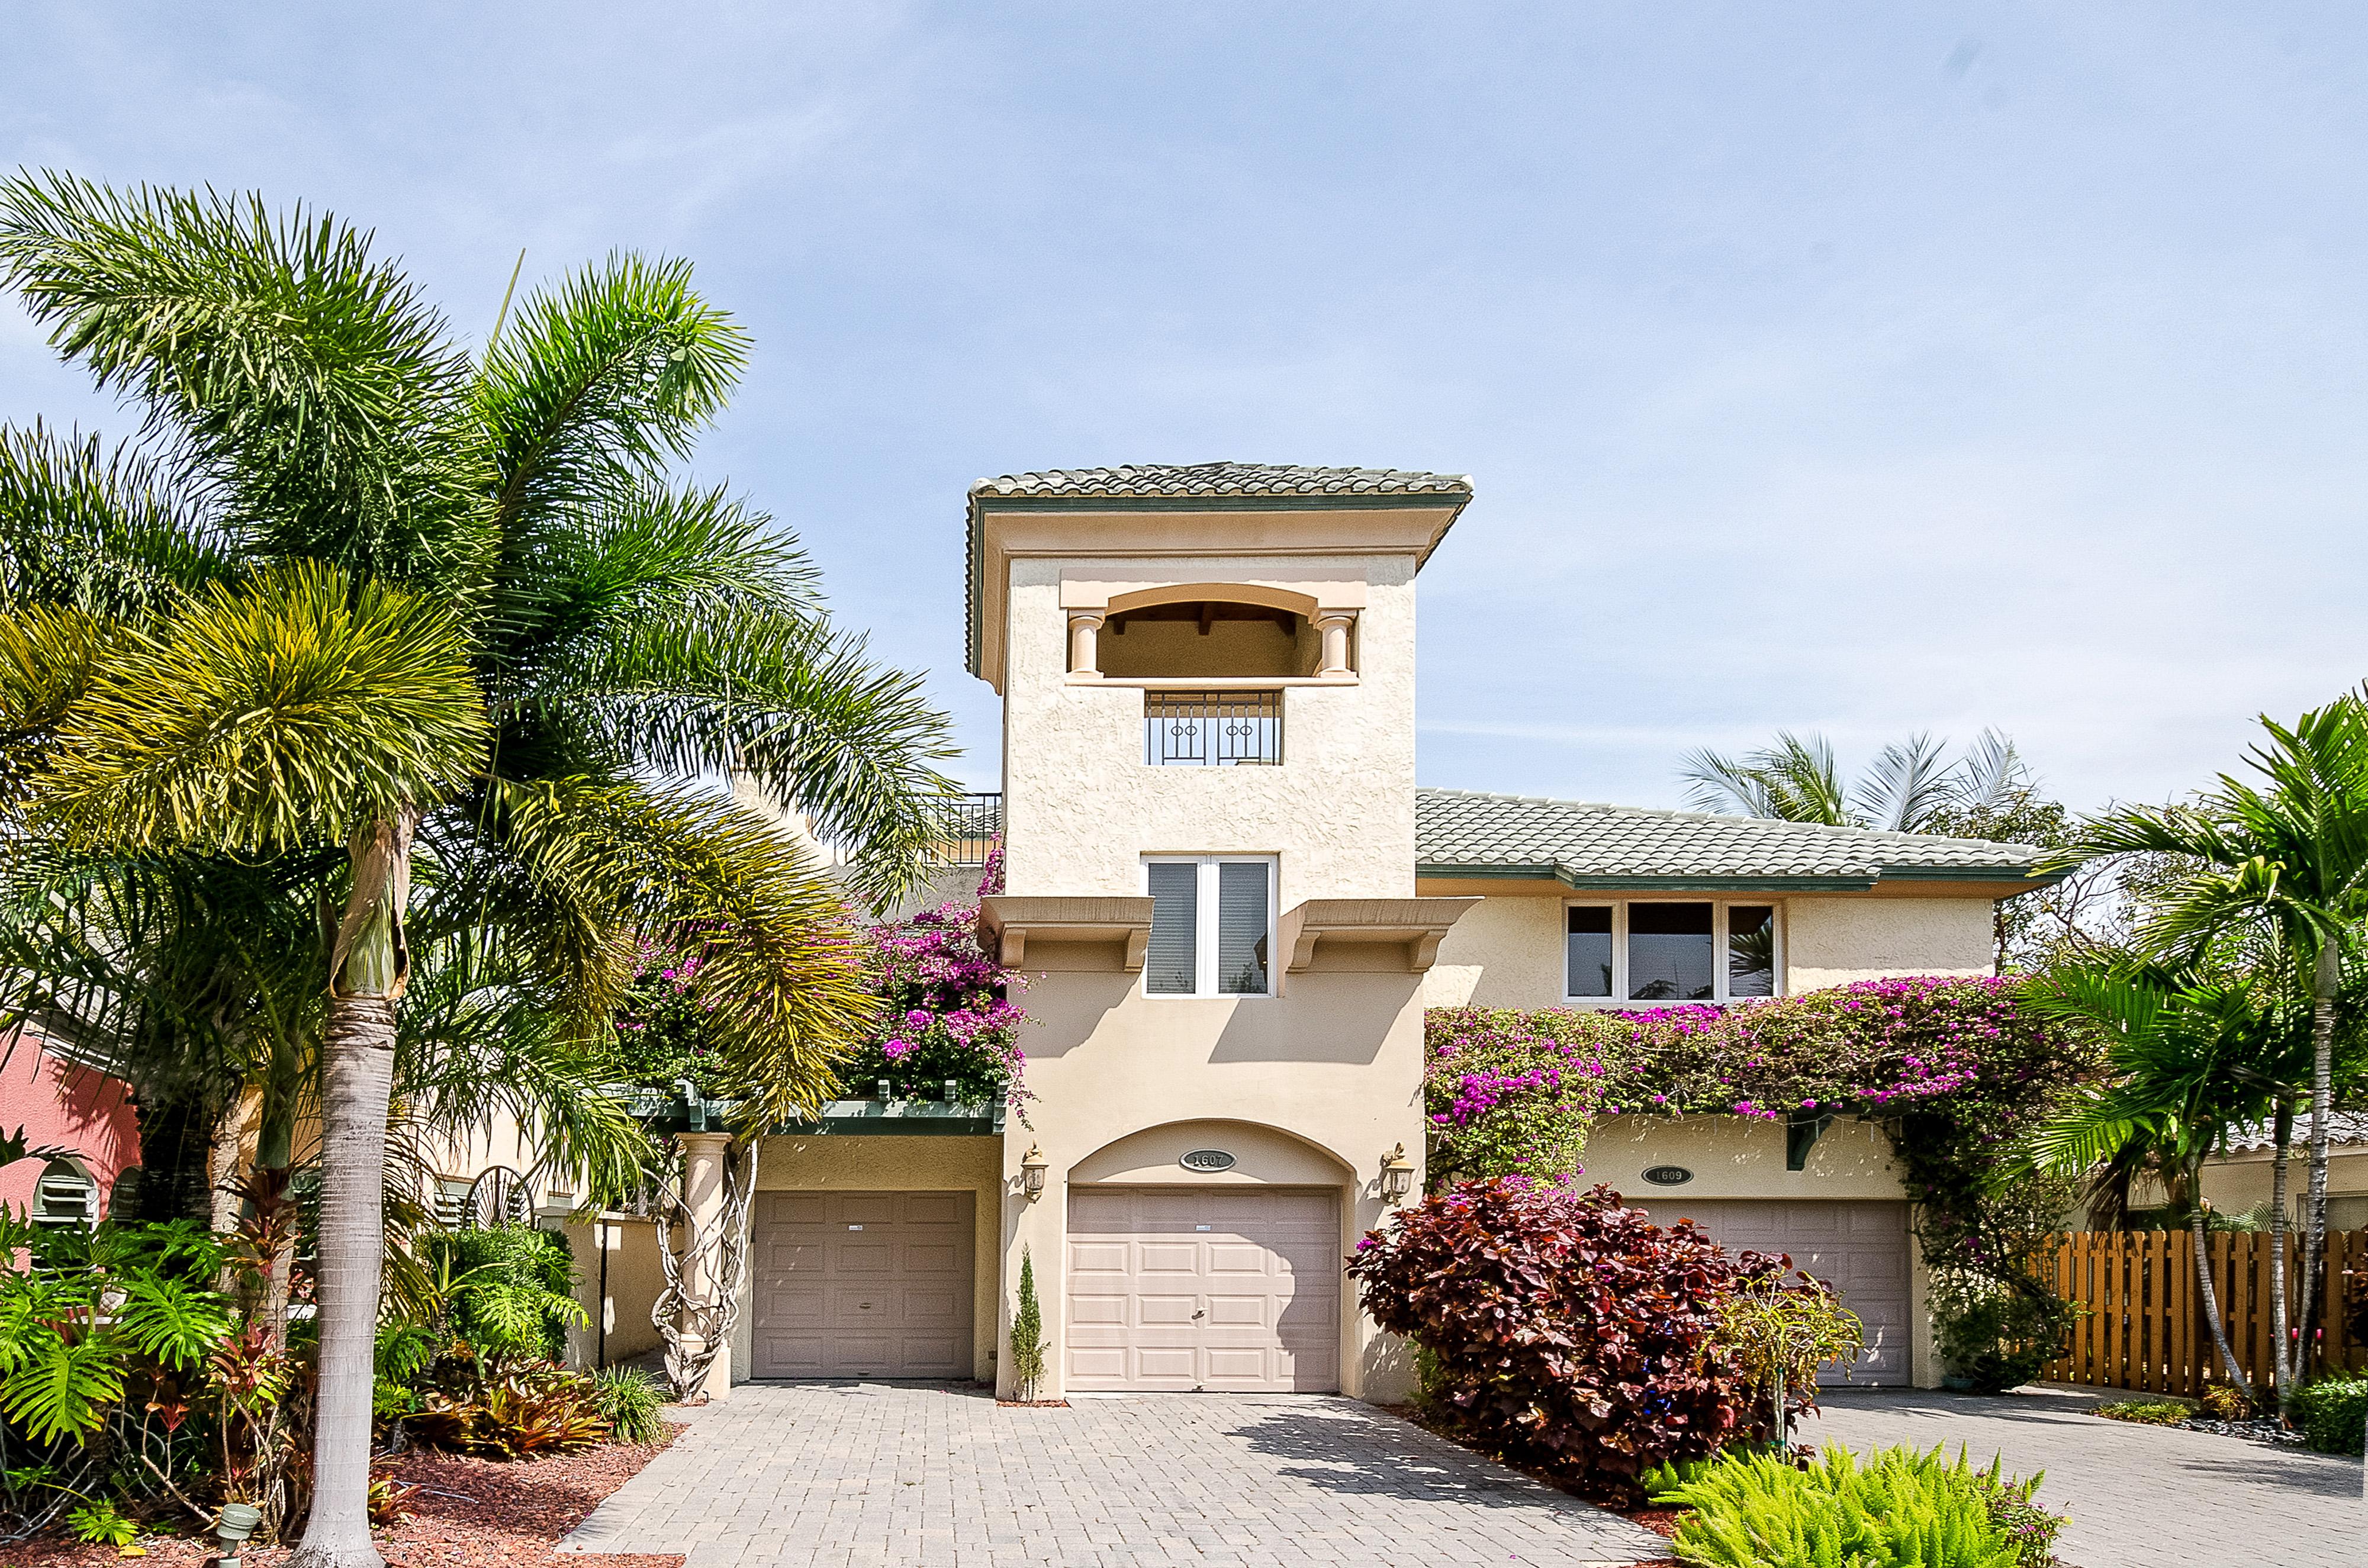 タウンハウス のために 売買 アット Middle River Park Ne 5th St 1607 Fort Lauderdale, フロリダ, 33301 アメリカ合衆国